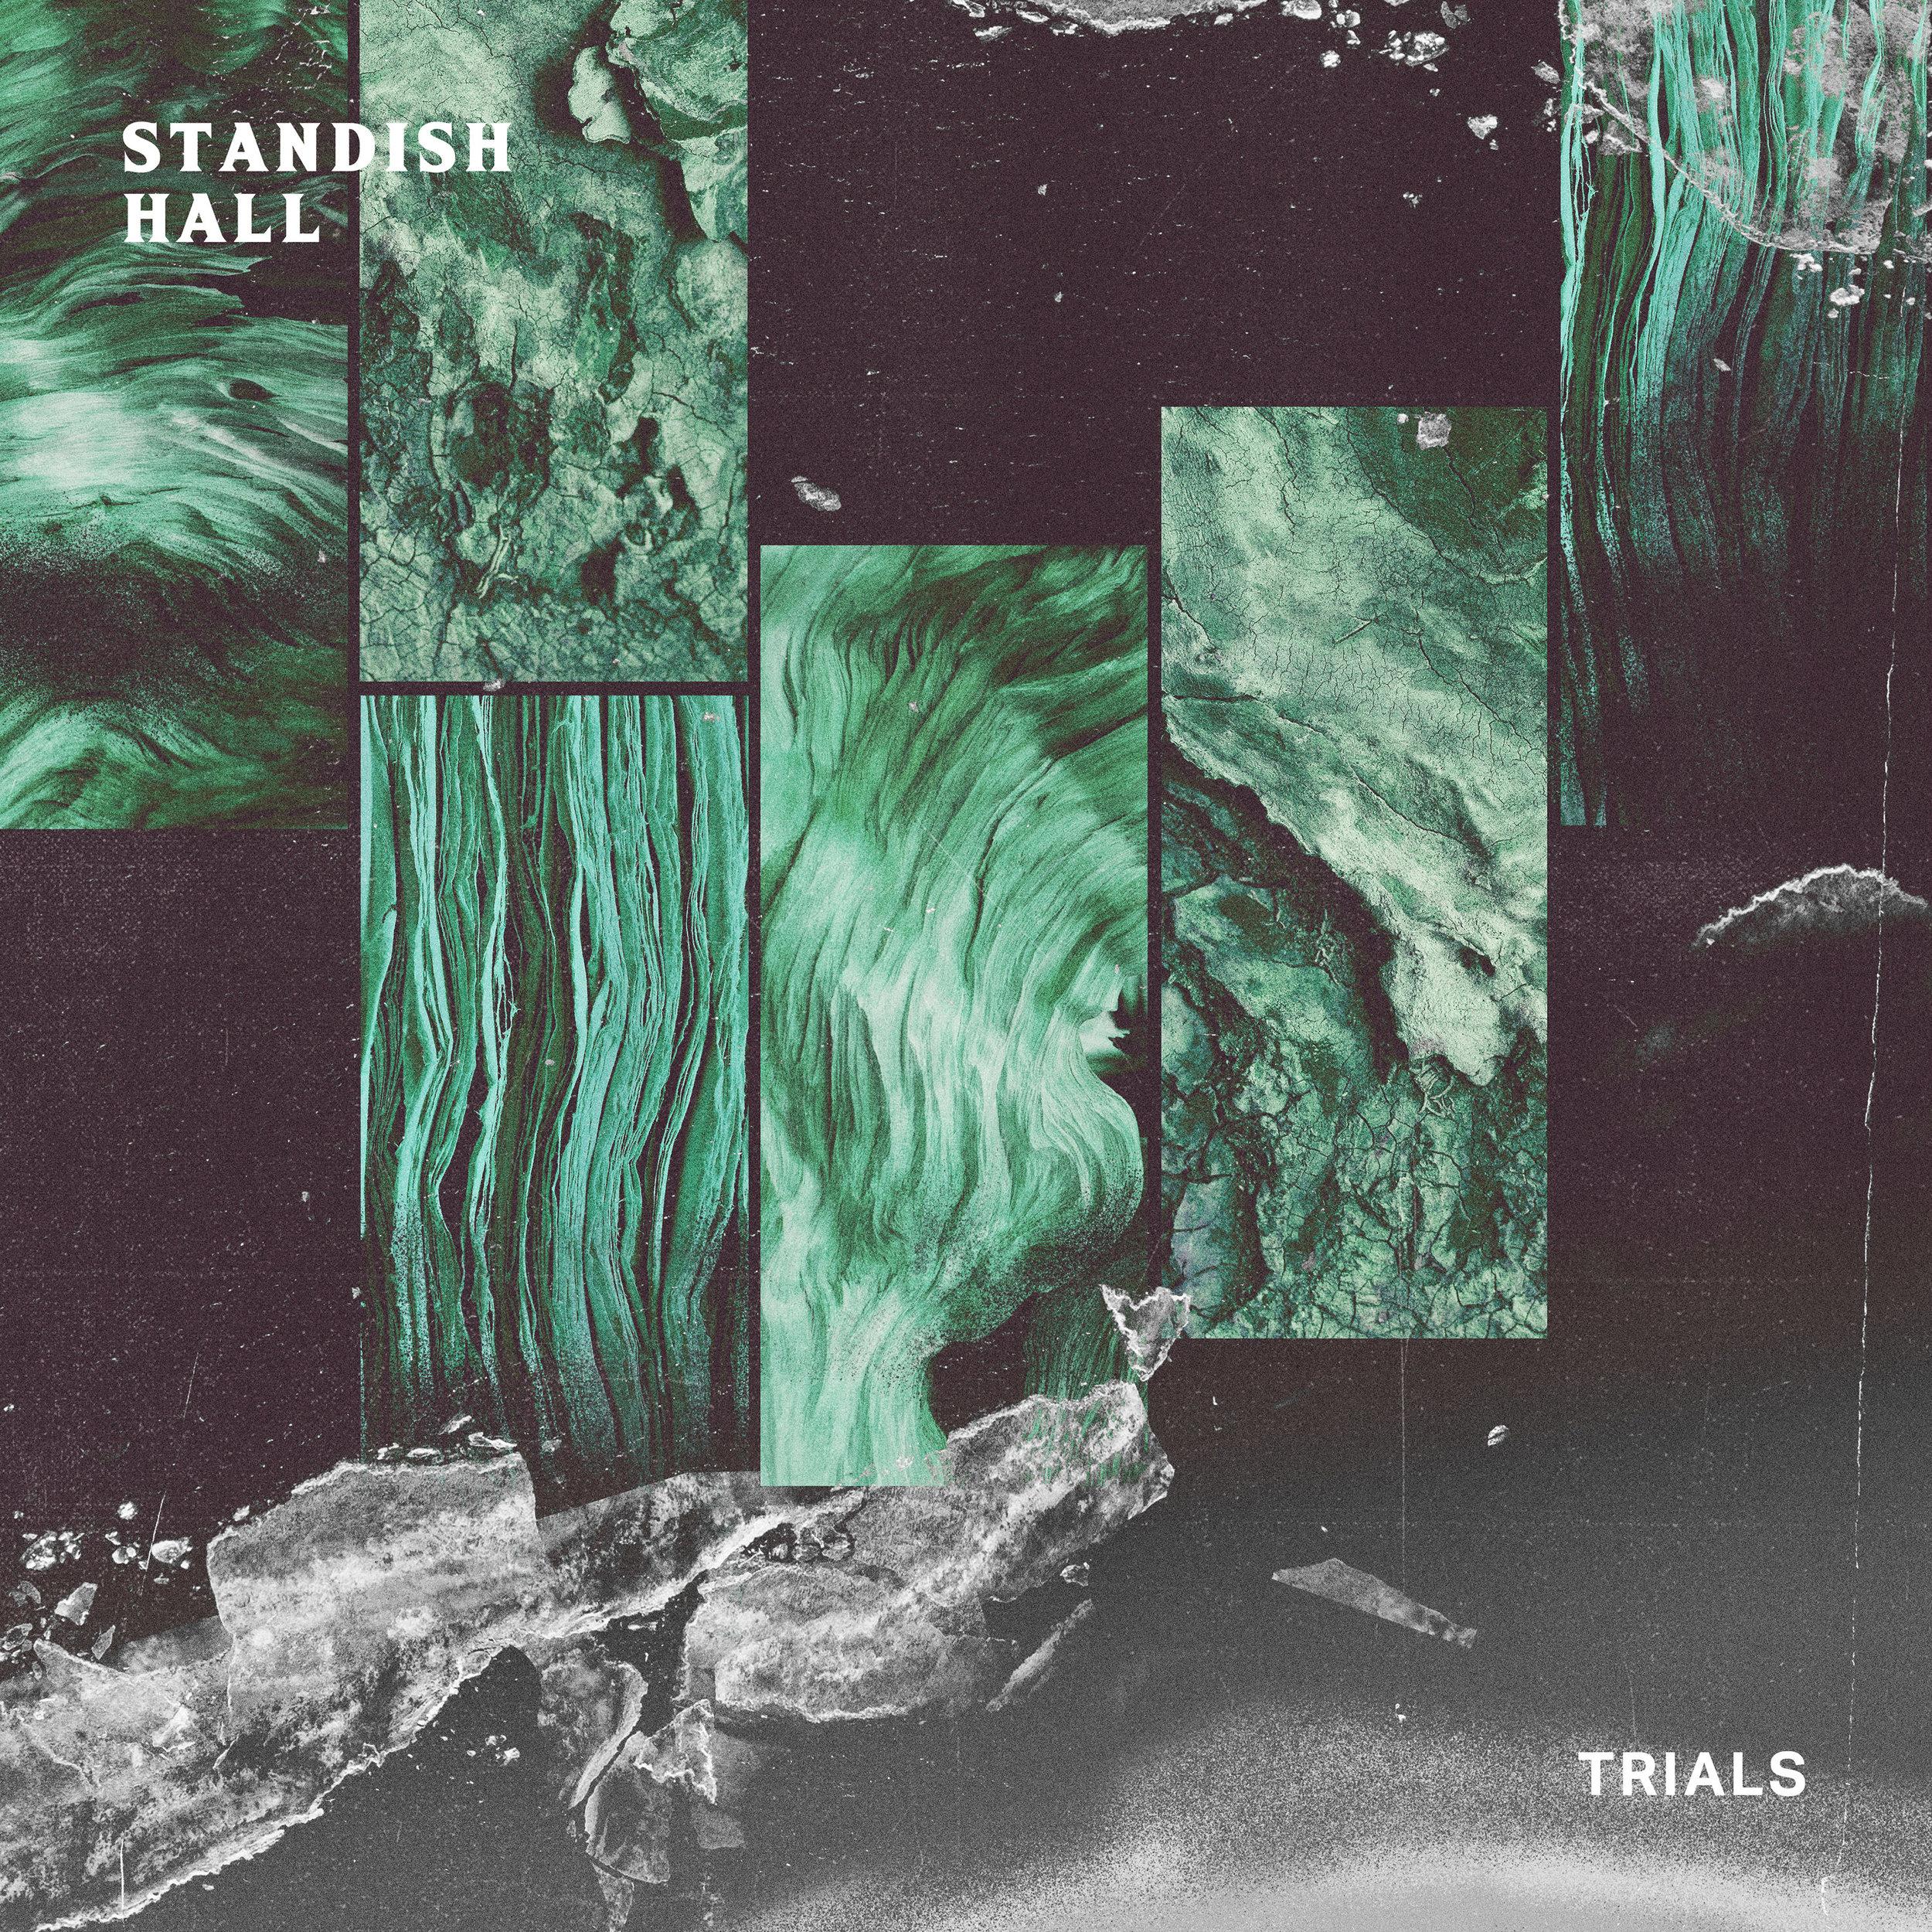 Trials EP